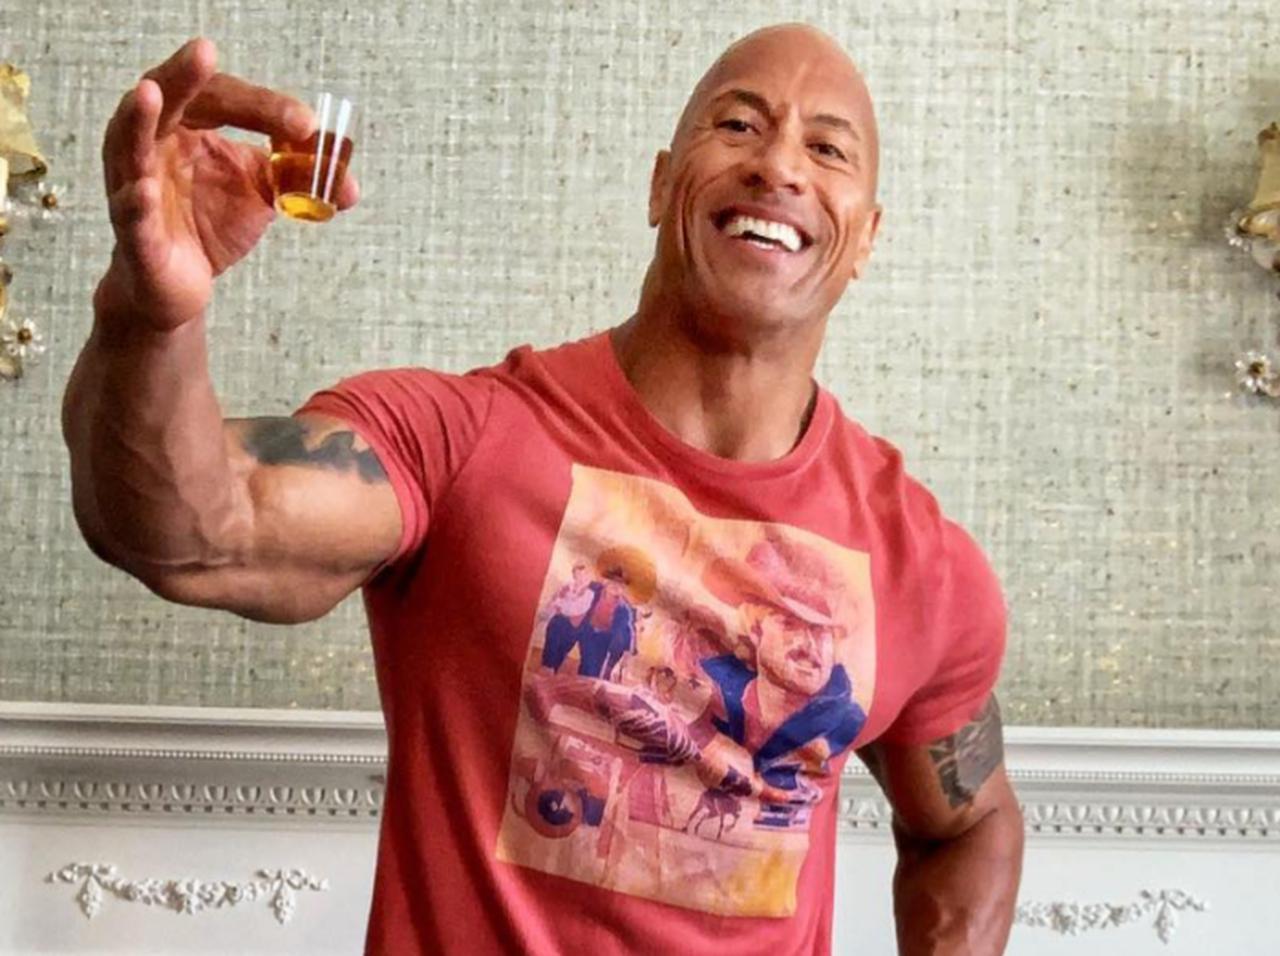 画像: ドウェイン・ジョンソン、テキーラを瓶ごとイッキ飲みも「盛大なズル」が発覚 - フロントロウ -海外セレブ情報を発信